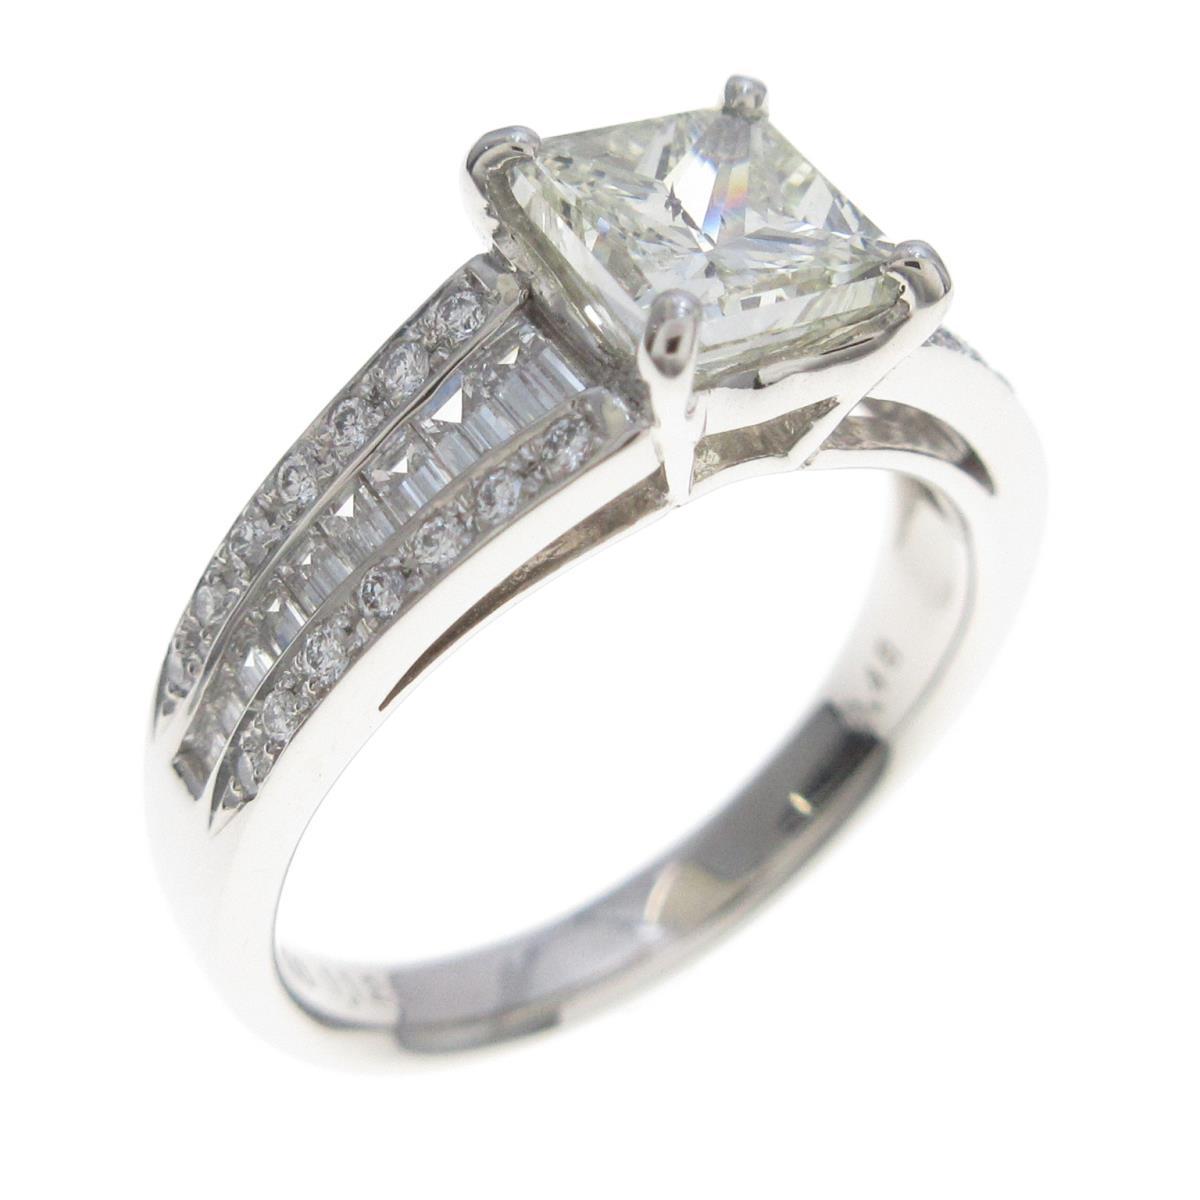 【リメイク】プラチナ ダイヤモンドリング 1.122ct・VLY・SI2・プリンセスカット【中古】